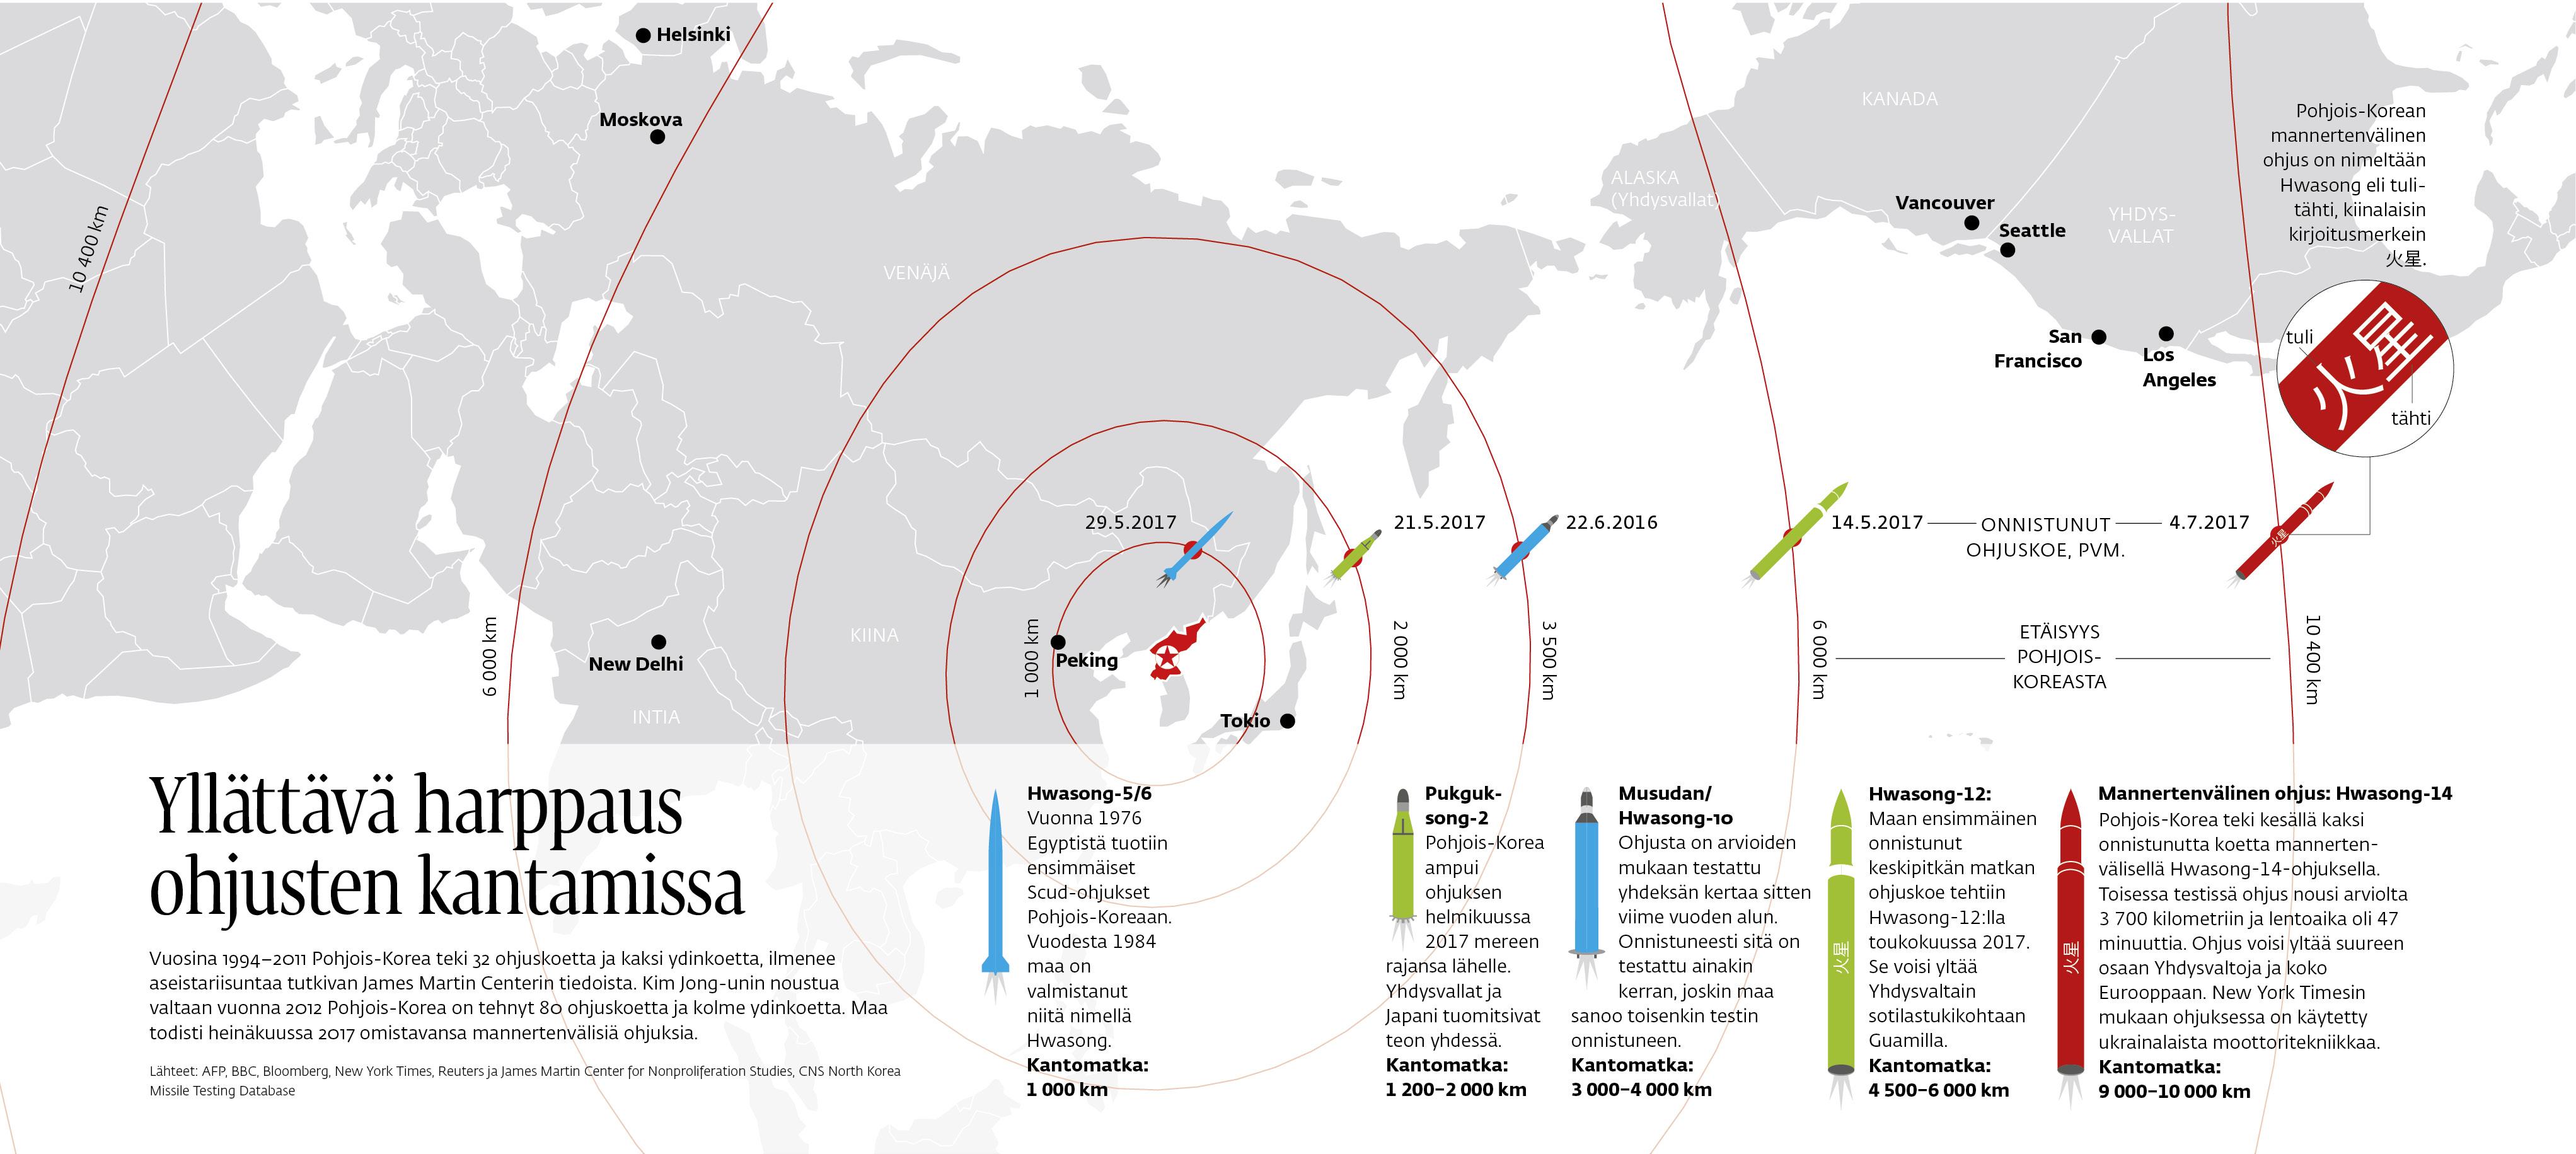 Yllättävä harppaus ohjusten kantamissa. Vuosina 1994-2011 Pohjois-Korea teki 32 ohjuskoetta ja kaksi ydinkoetta, ilmenee aseistariisuntaa tutkivan James Martin Centerin tiedoista. Kim Jong-unin noustua valtaan vuonna 2012 Pohjois-Korea on tehnyt 80 ohjuskoetta ja kolme ydinkoetta. Maa todisti heinäkuussa 2017 omistavansa mannertenvälisiä ohjuksia.